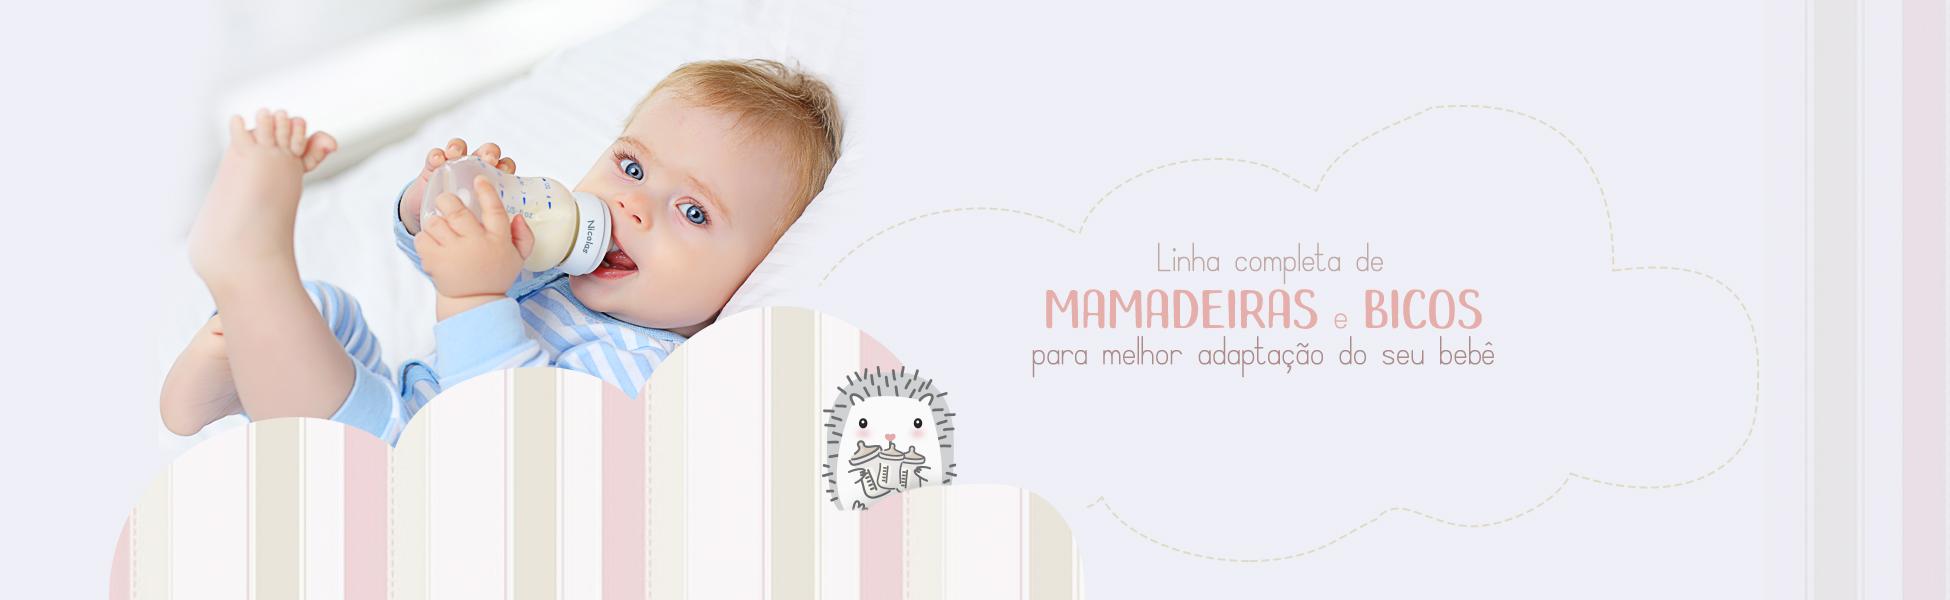 Banner mamadeira